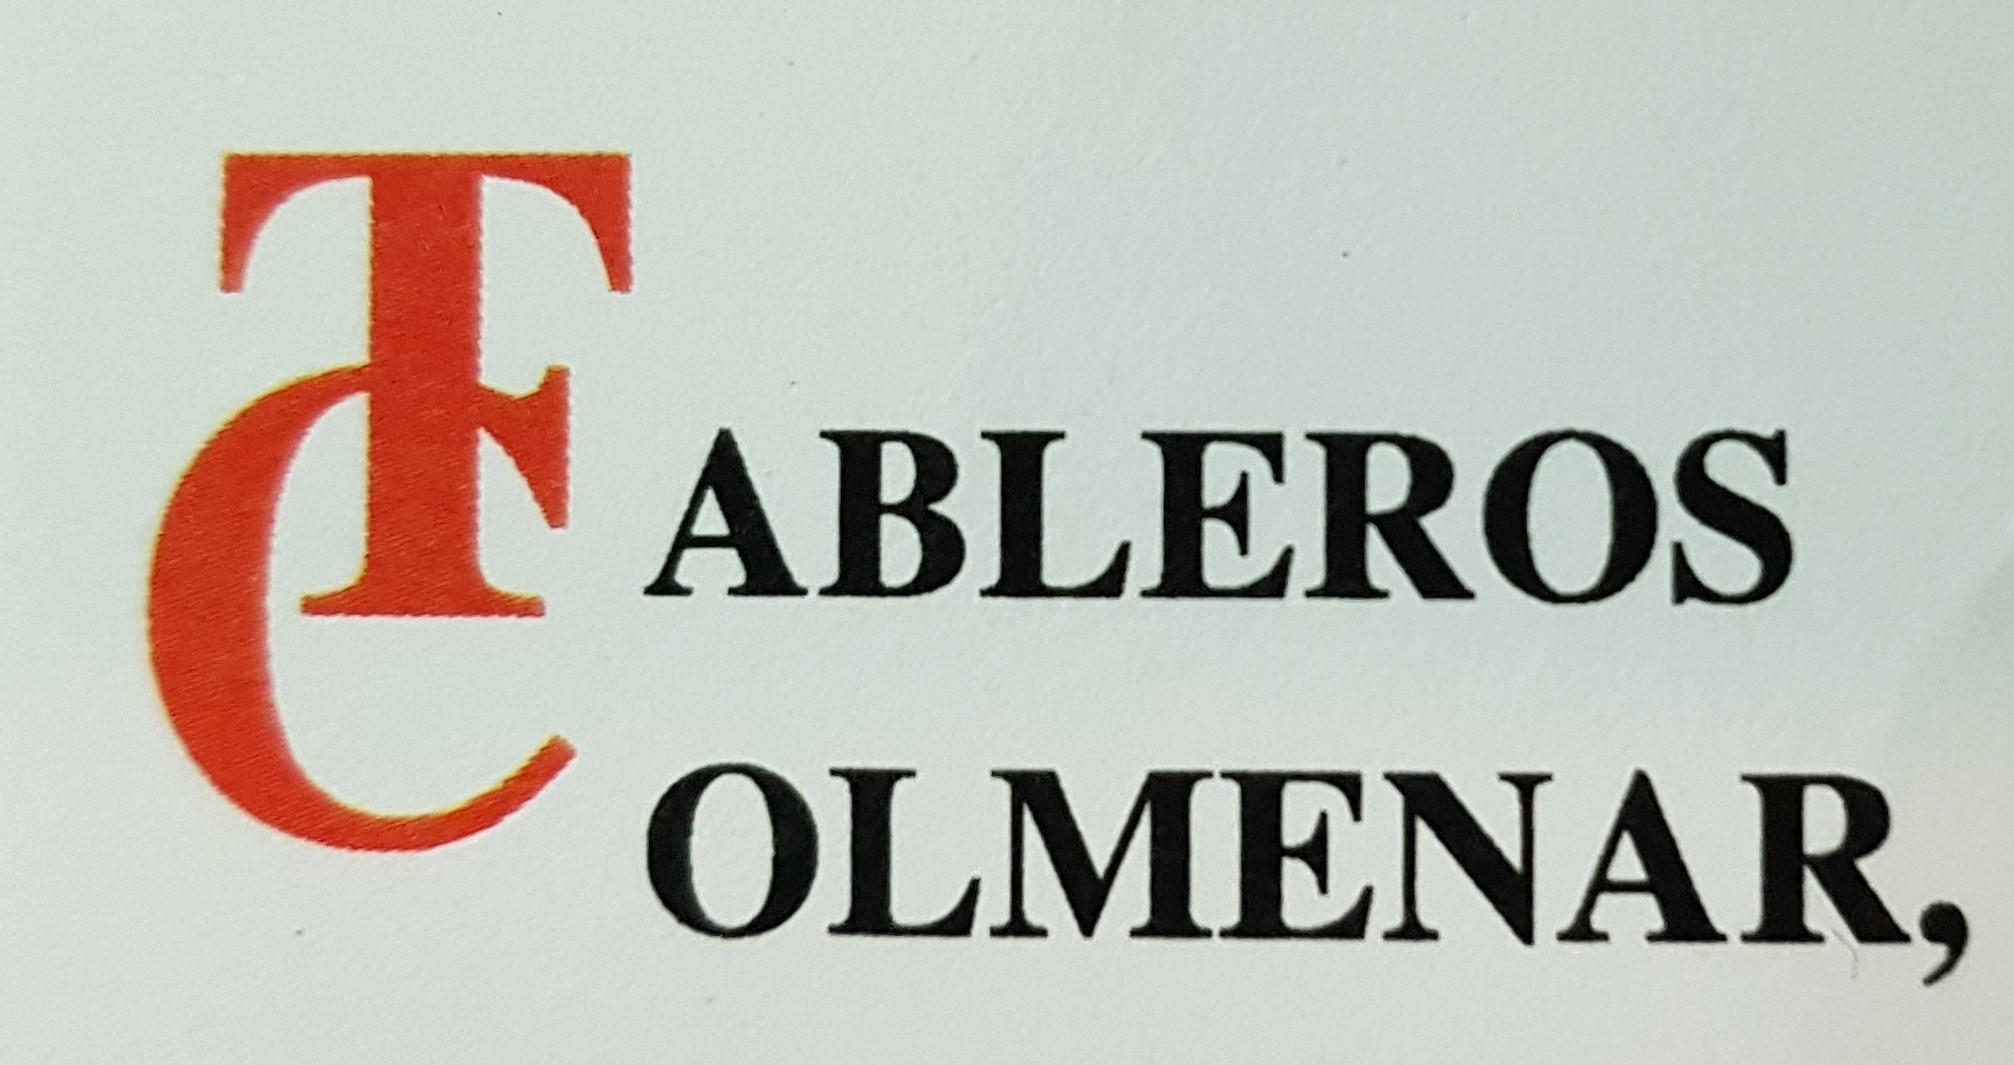 TABLEROS COLMENAR